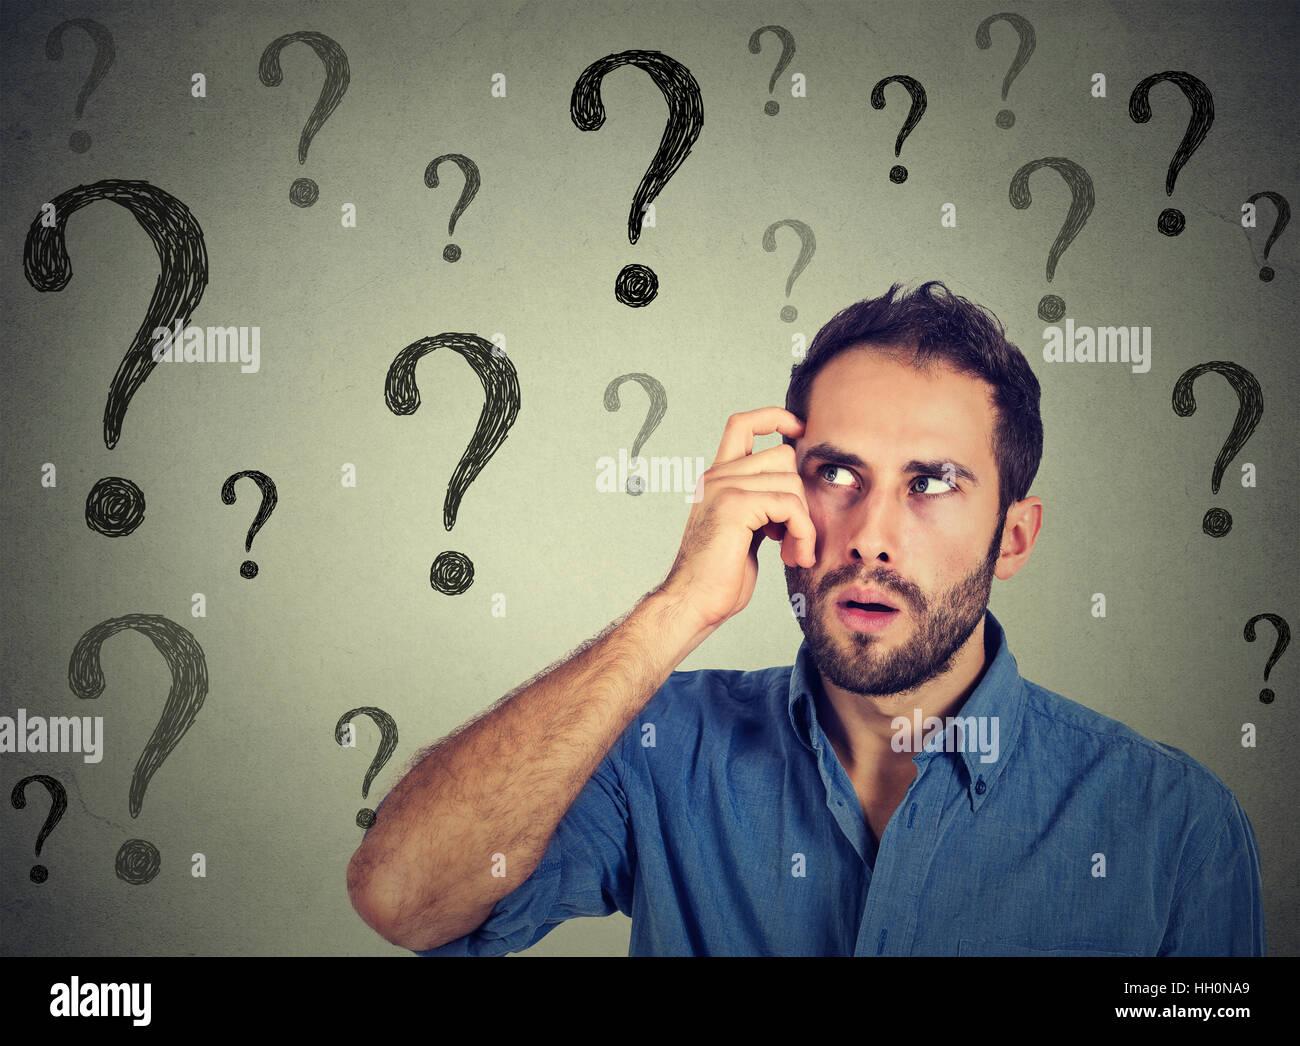 Nachdenklicher verwirrter gut aussehender Mann hat zu viele Fragen und keine Antwort Stockbild